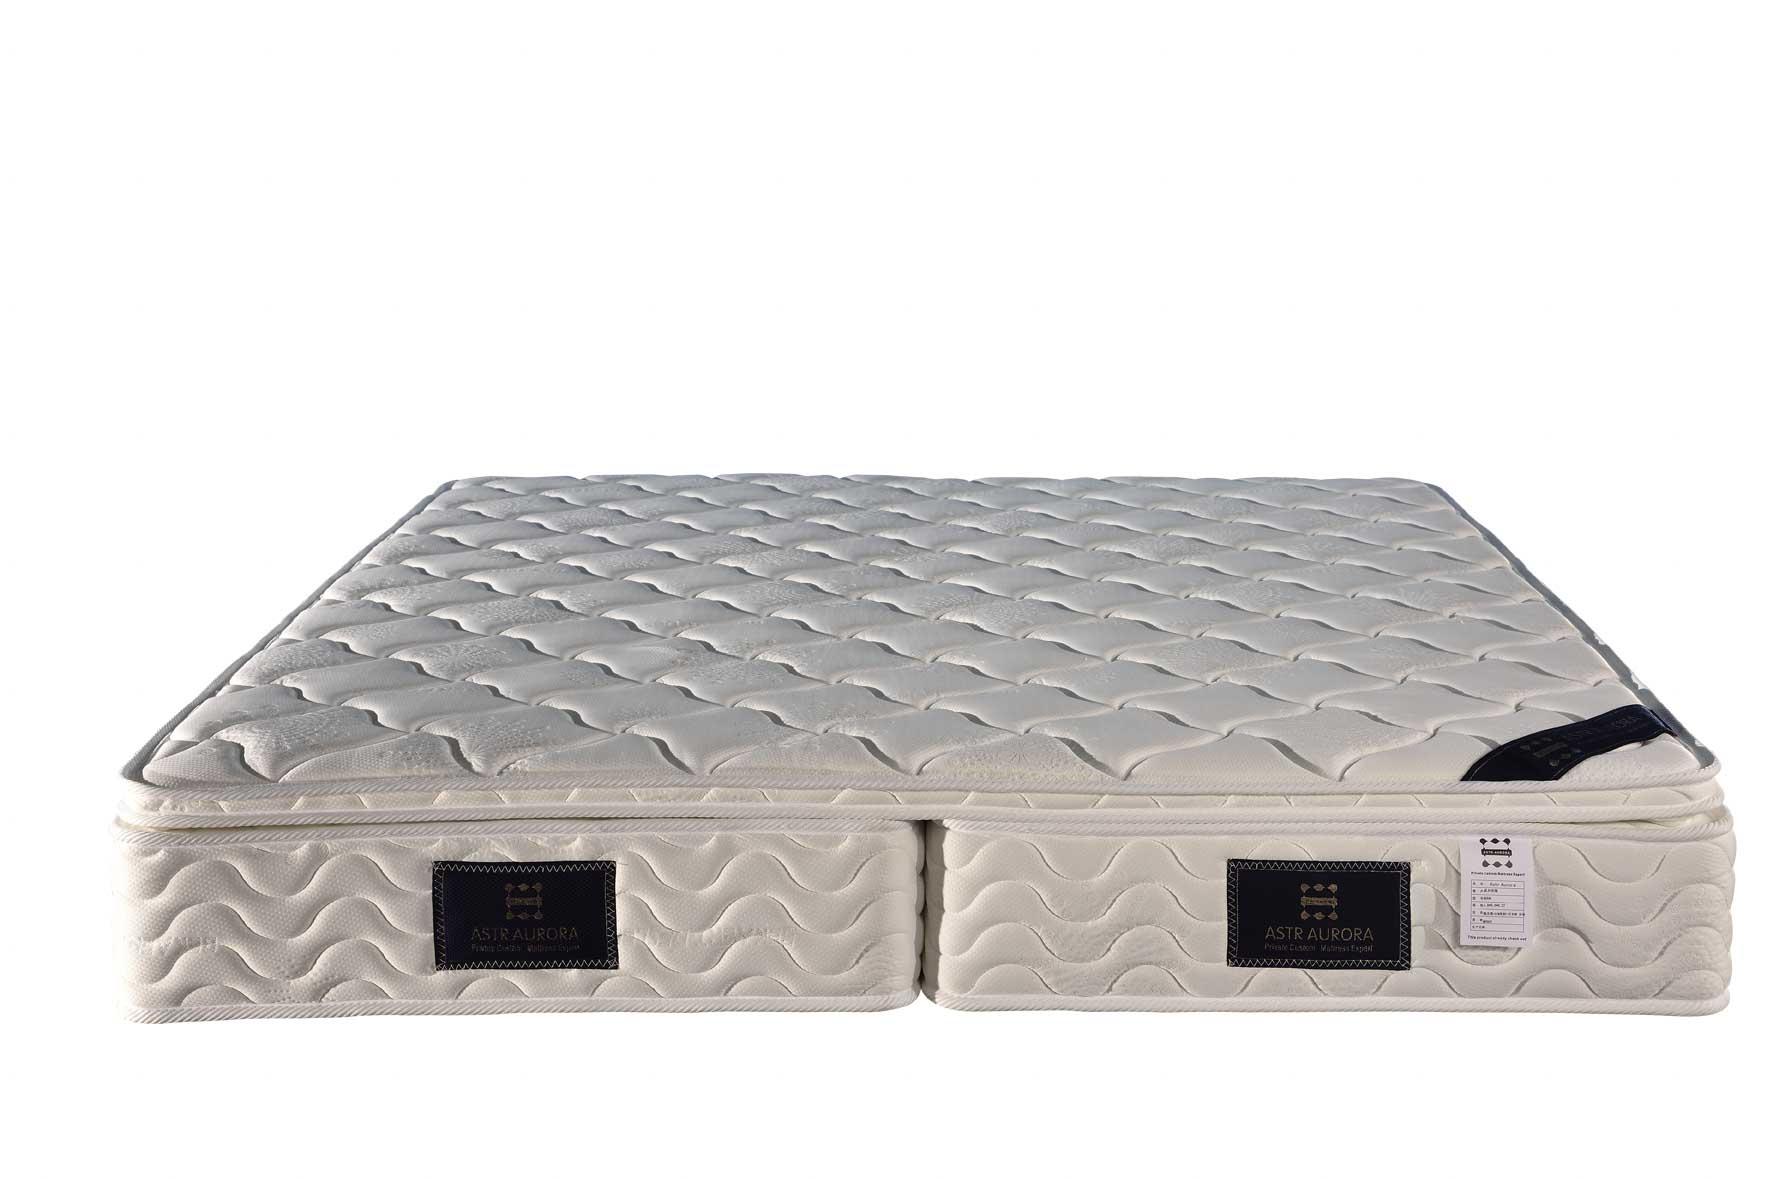 成都老人弹簧床垫有哪些推荐 真诚推荐 苏州星夜家居科技供应